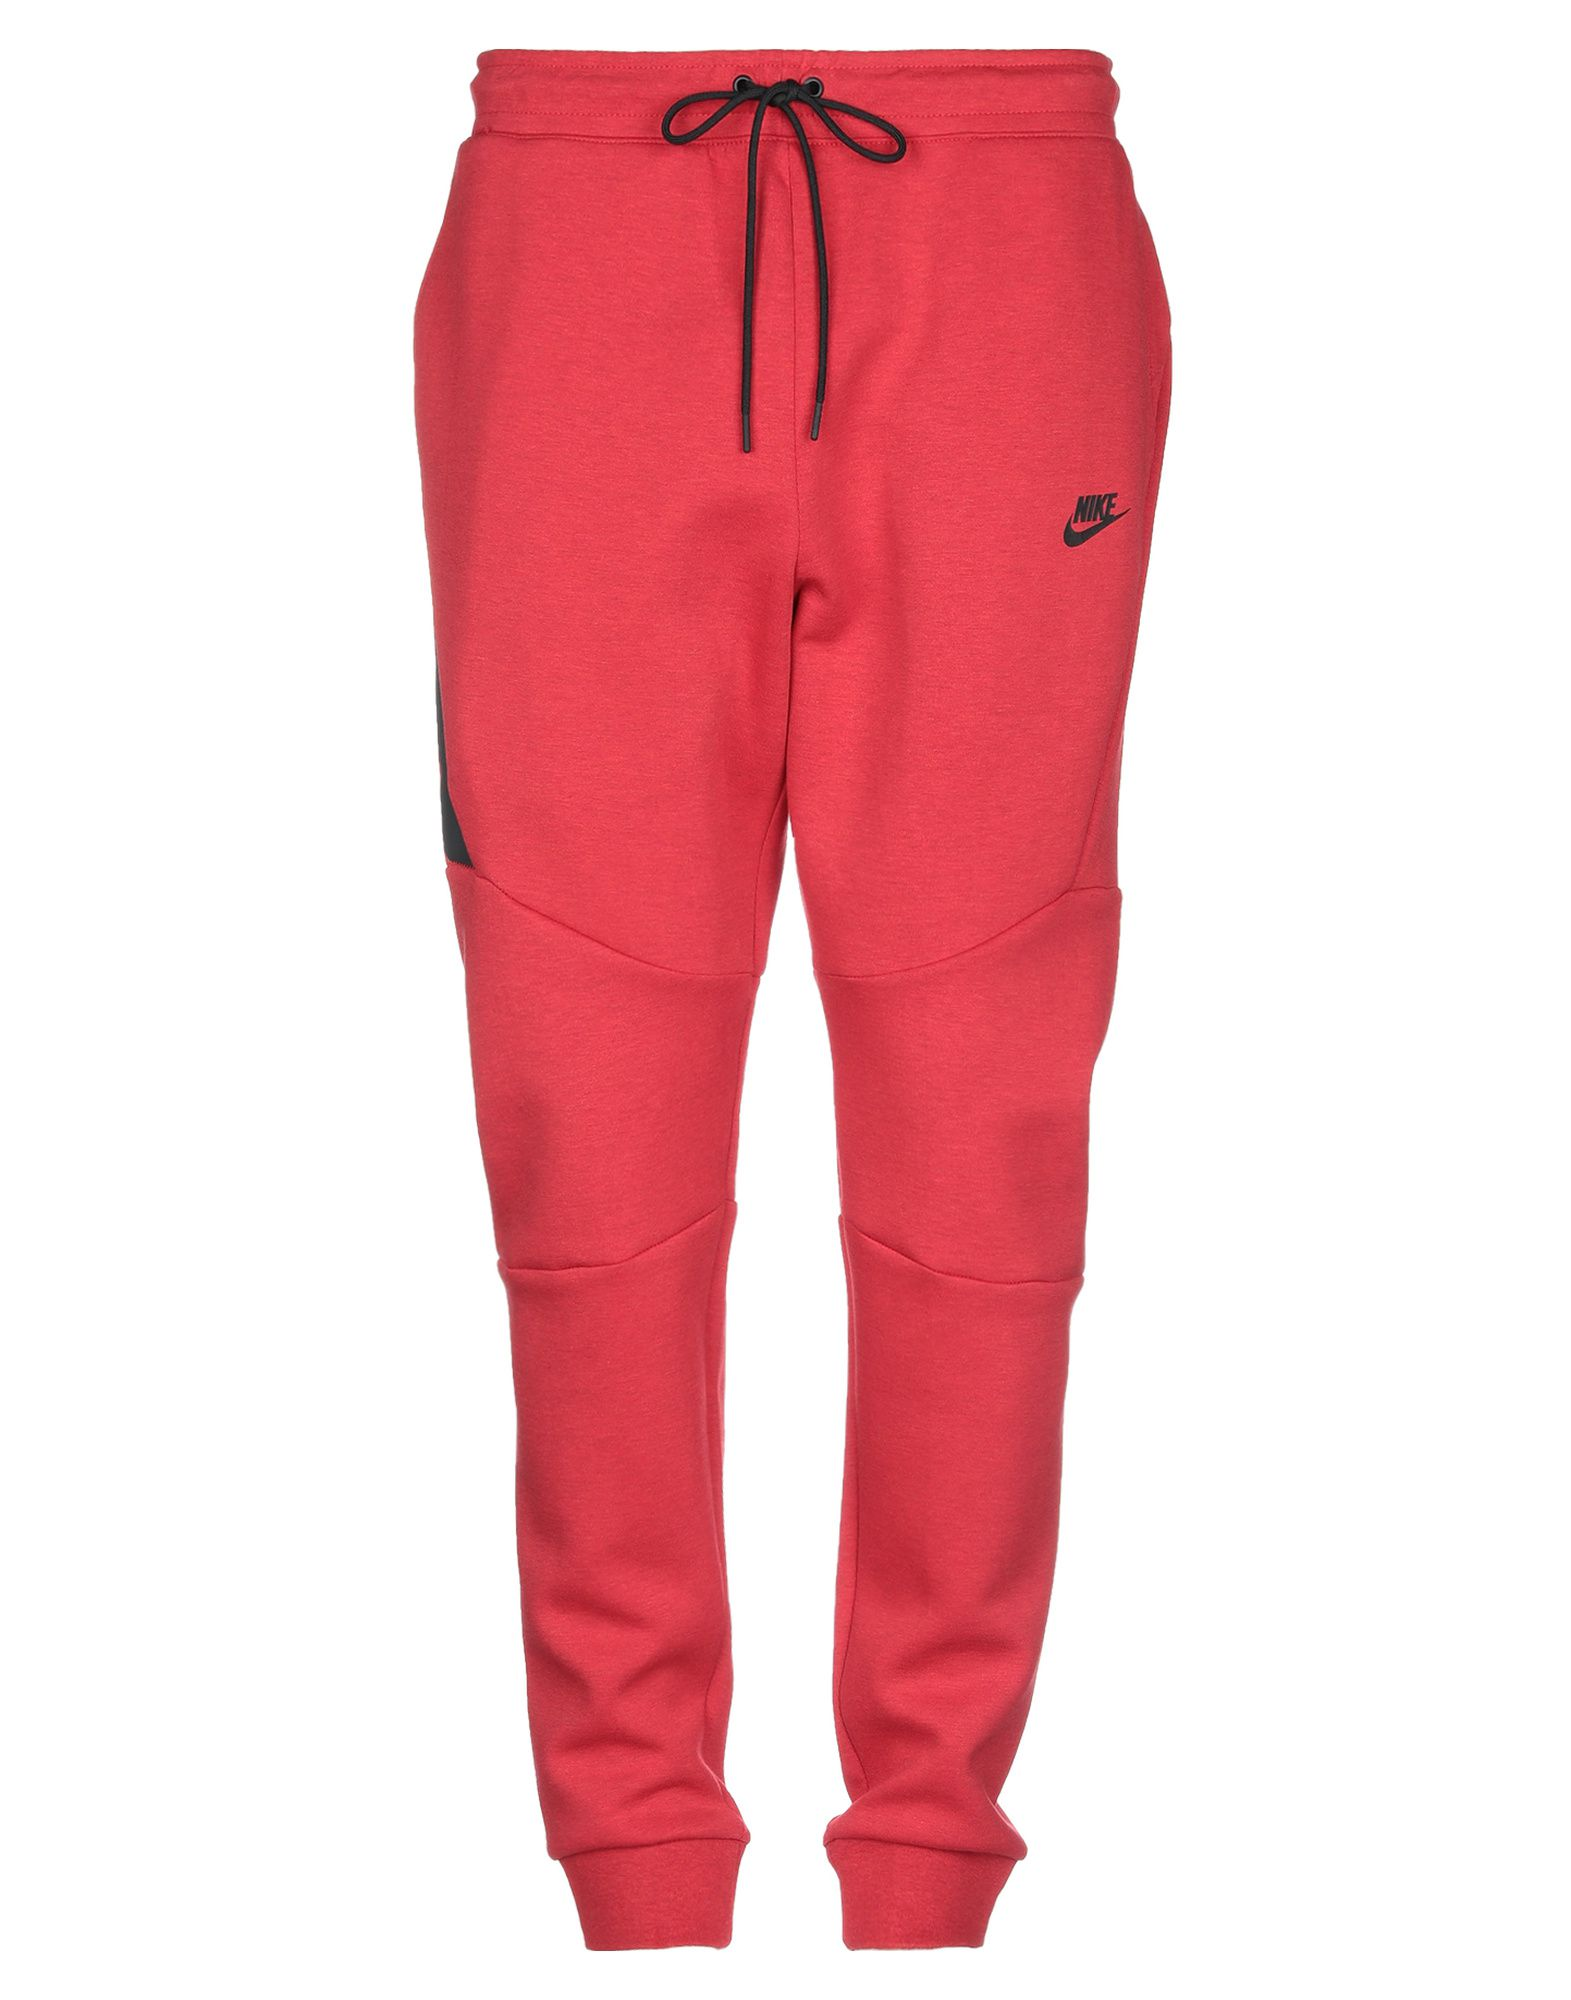 Pantalone Nike Tech Fleece Jogger - uomo - 13172006XS 13172006XS